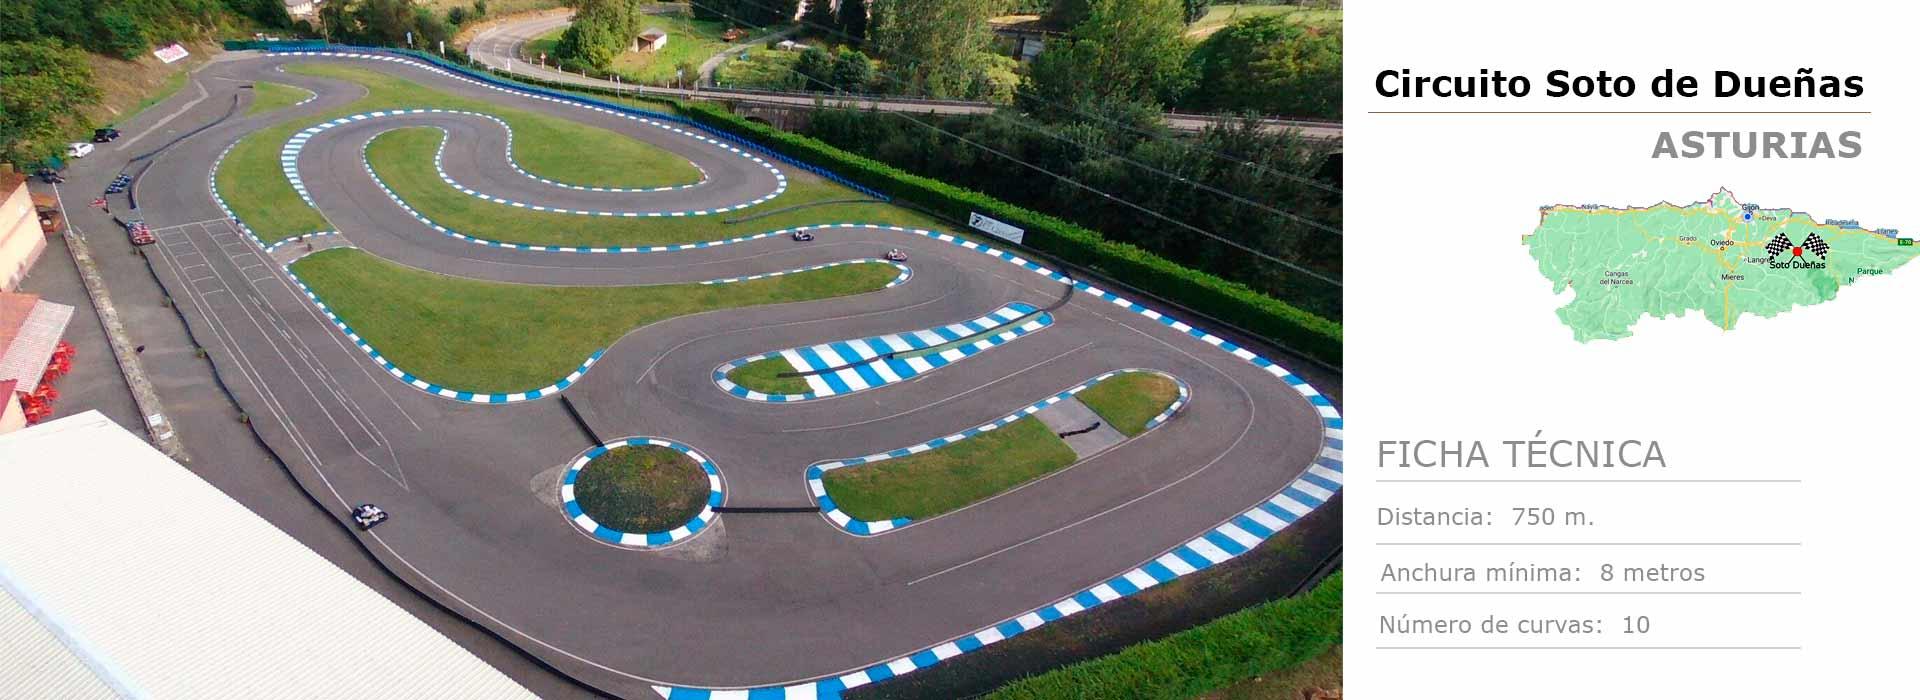 Circuito de karts en Asturias